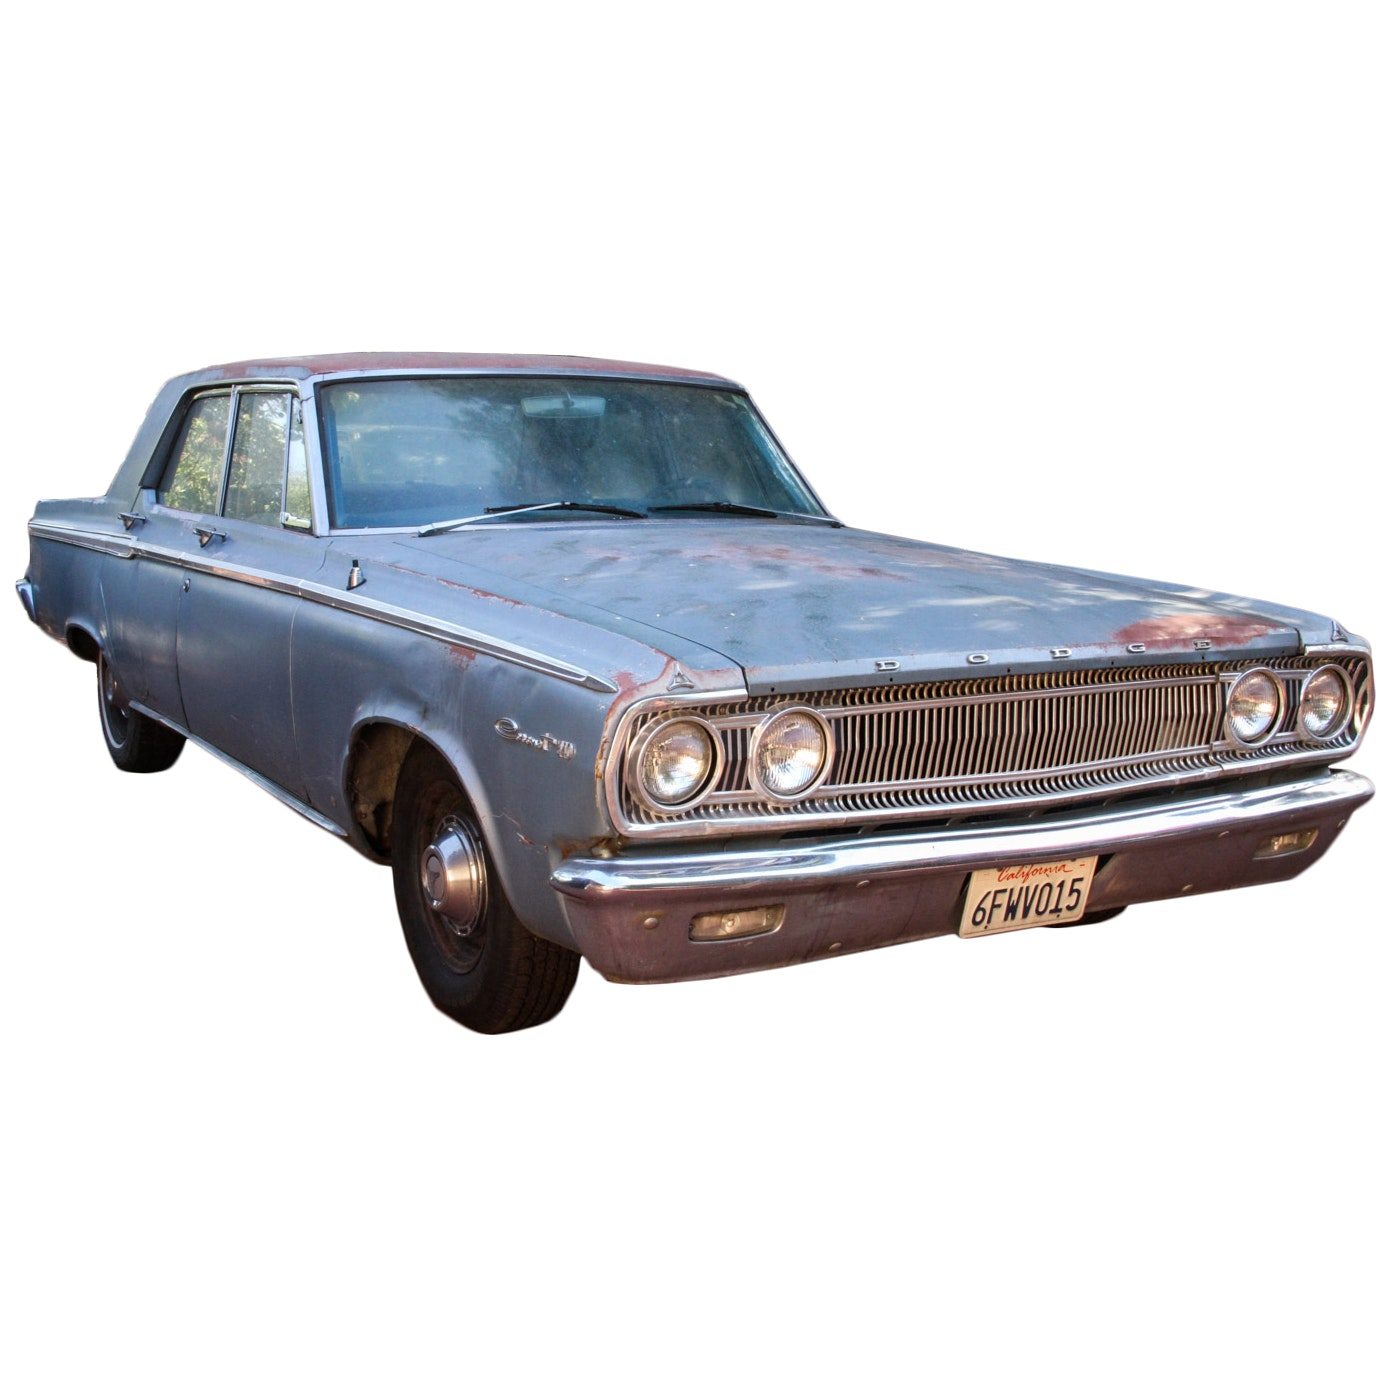 1965 Dodge Coronet 440 4-Door Sedan